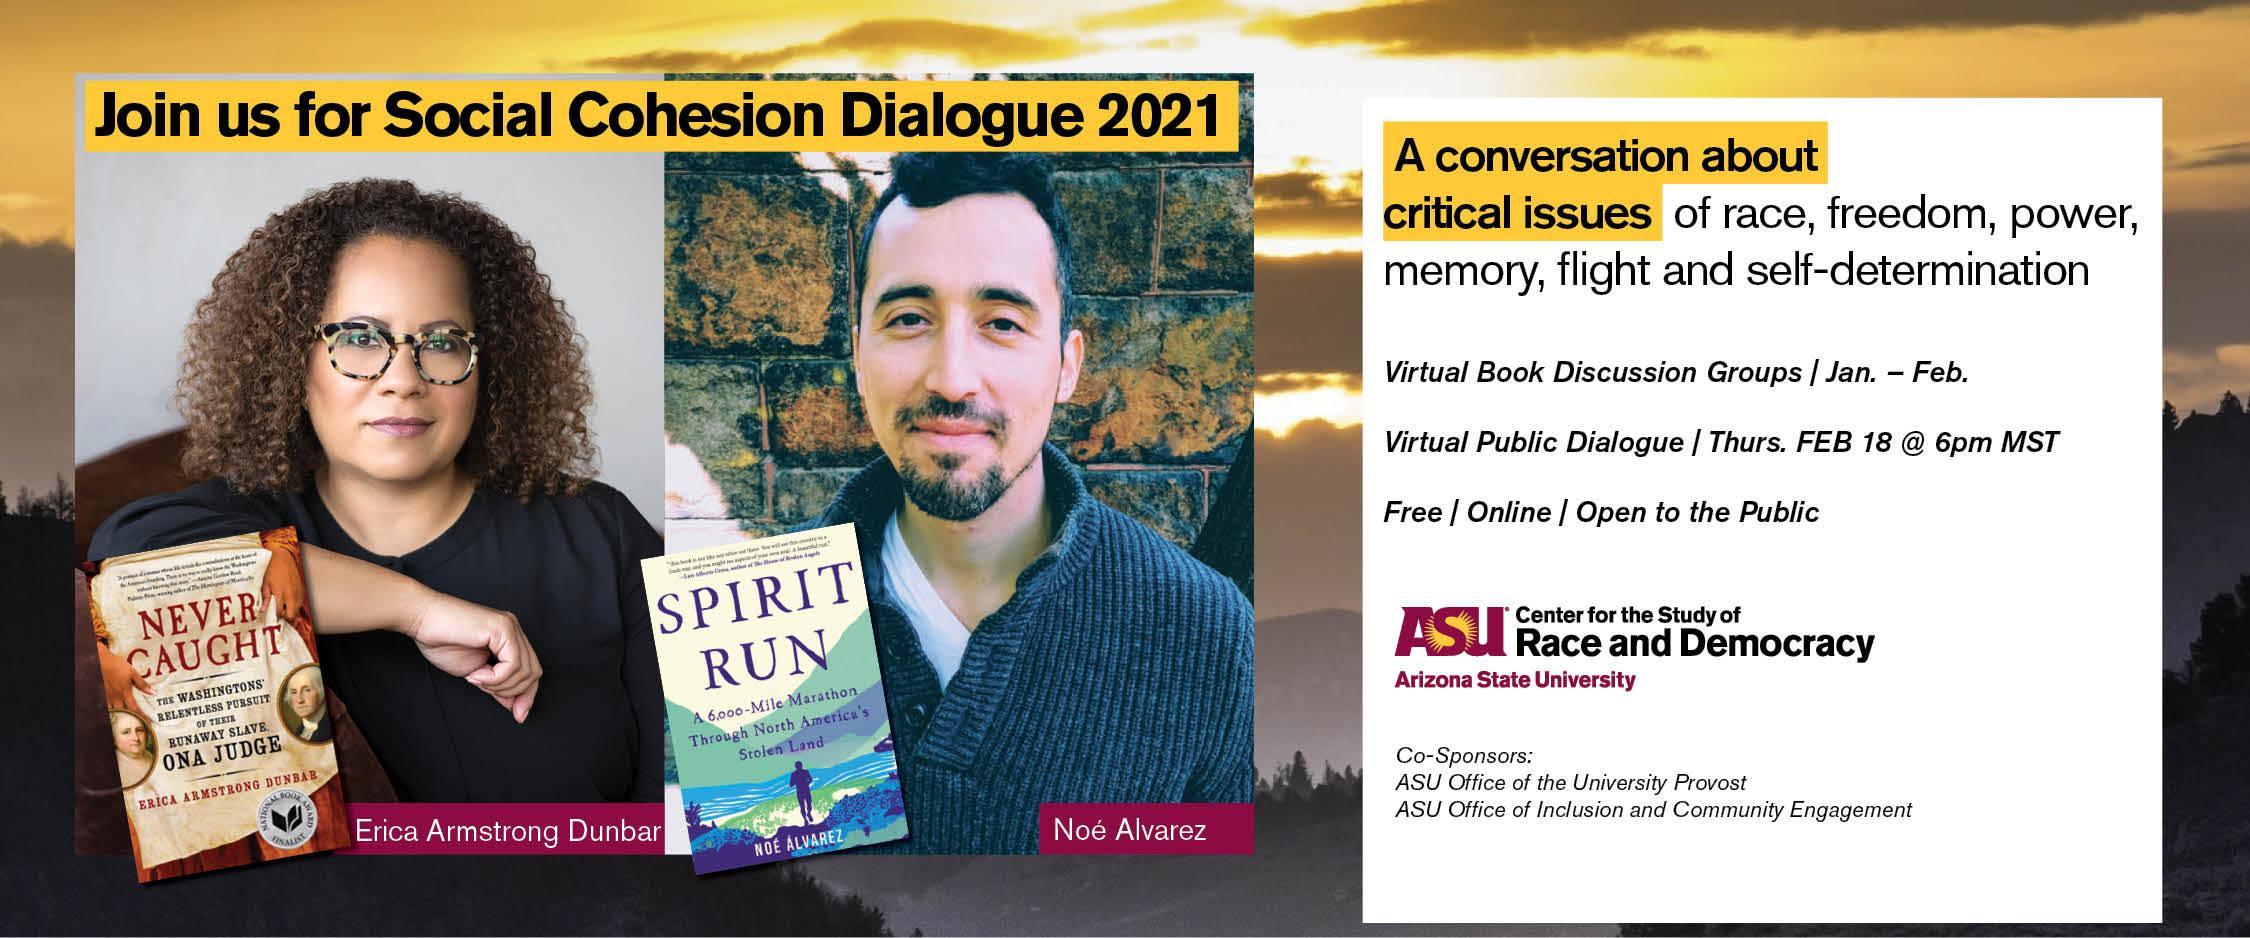 Social Cohesion Dialogue 2021